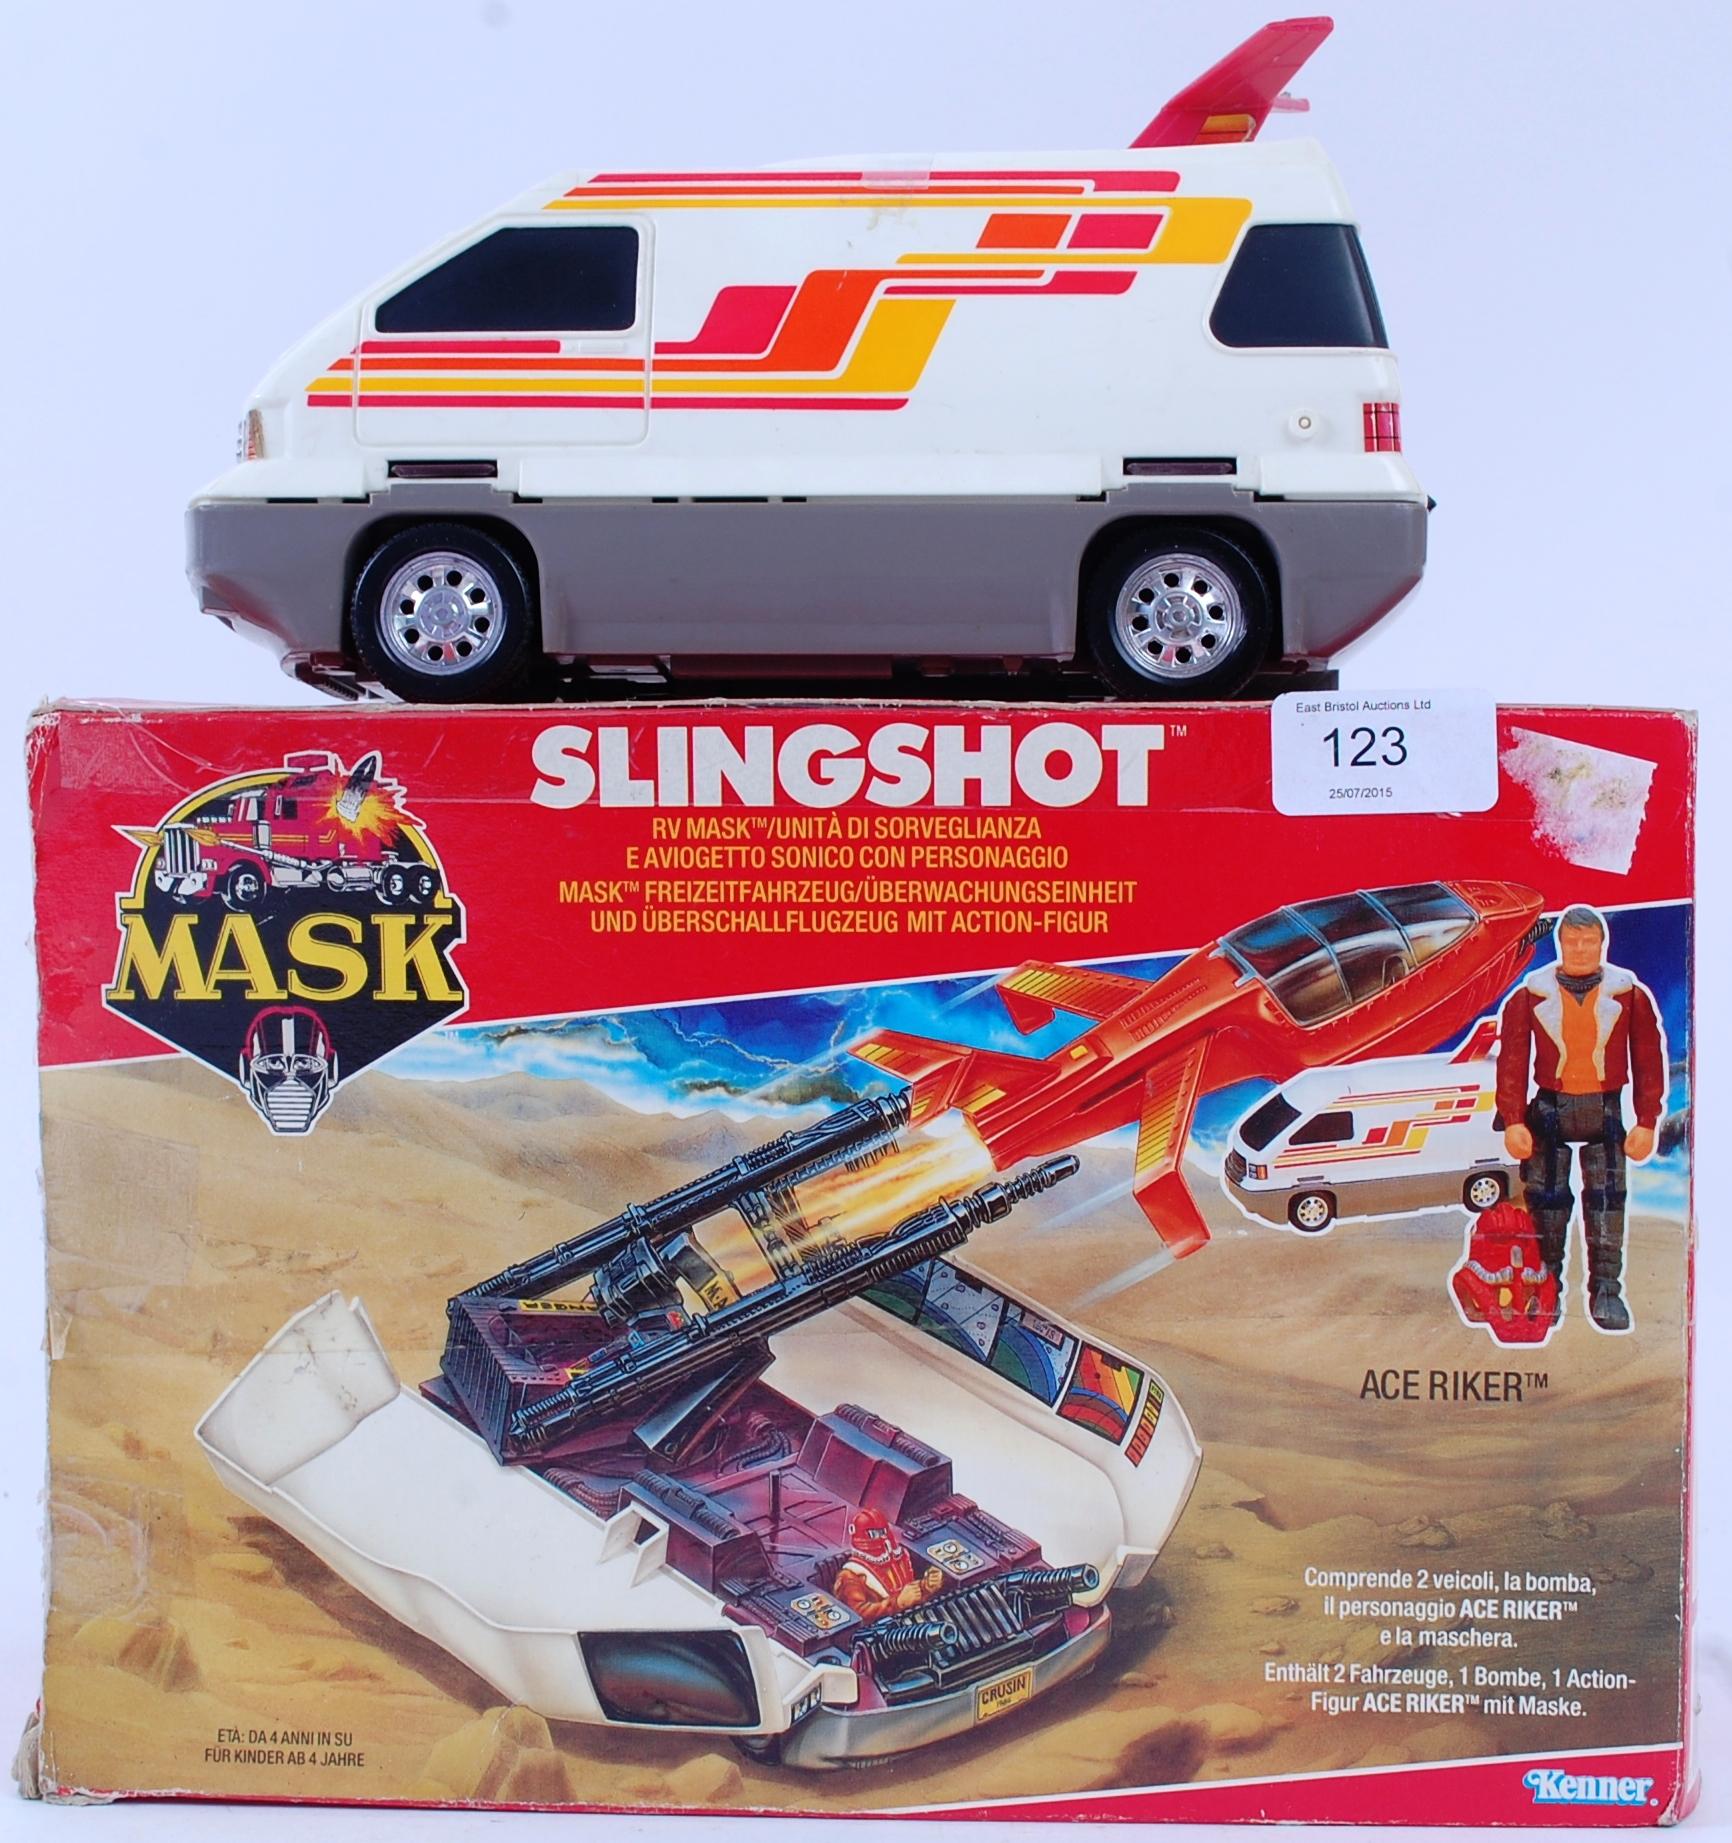 MASK An original retro vintage Kenner MASK Slingshot toy with the